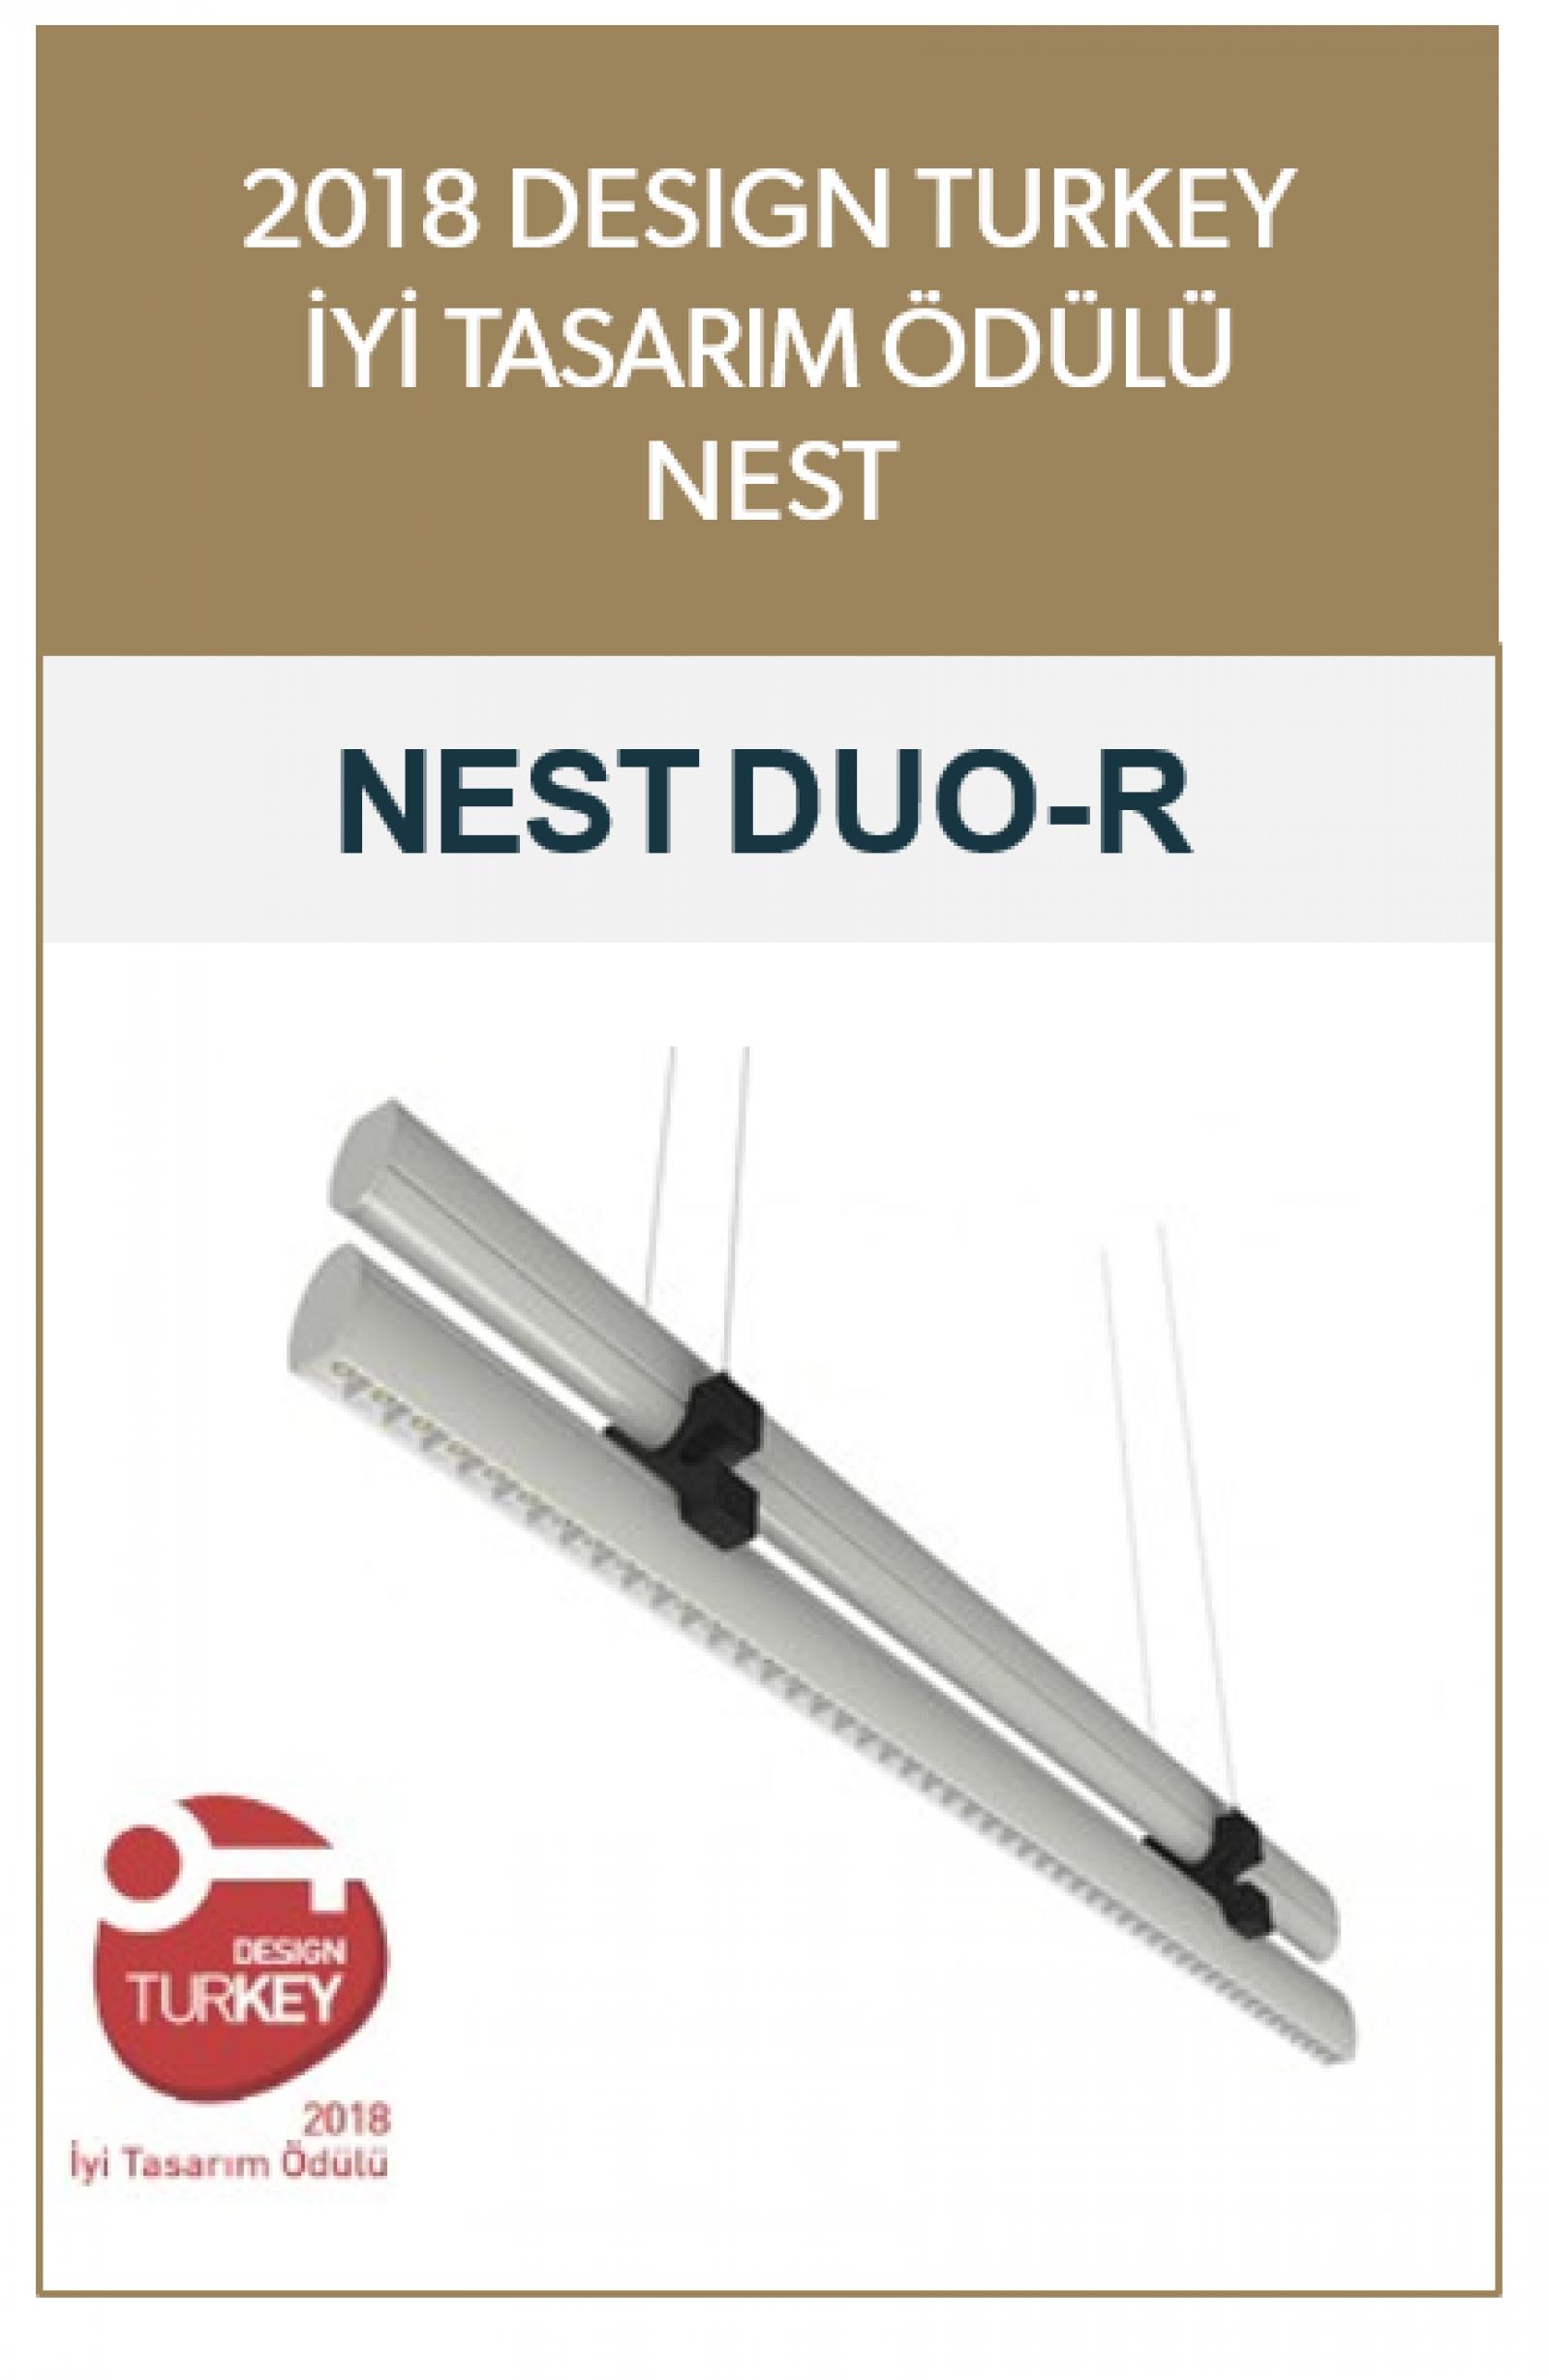 NEST DUO - R İyi Tasarım Ödülü